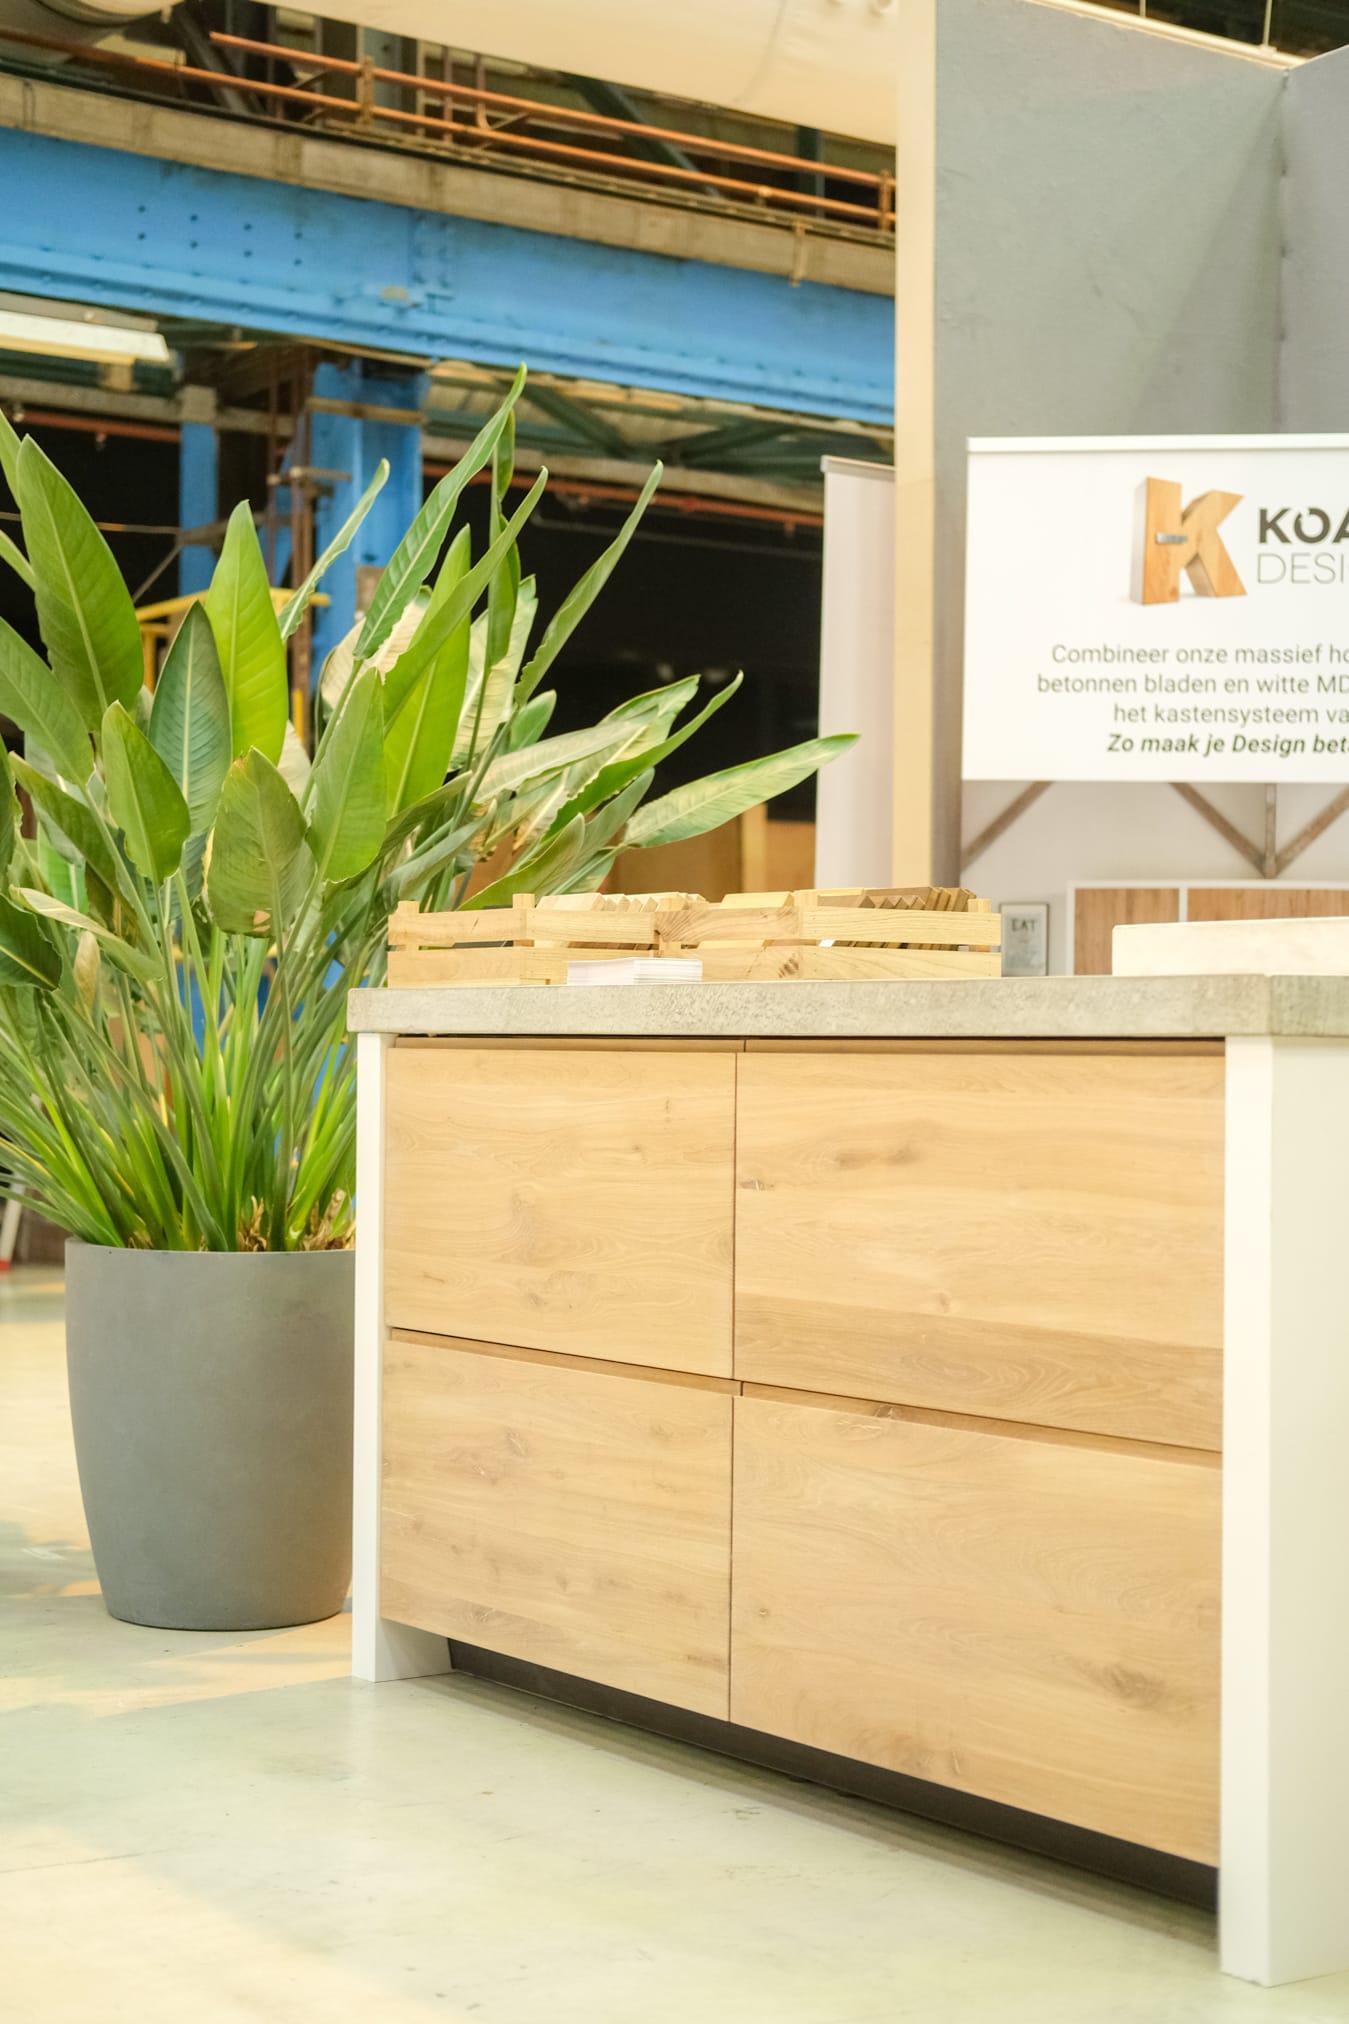 koak design duurzaam keukenkastjes